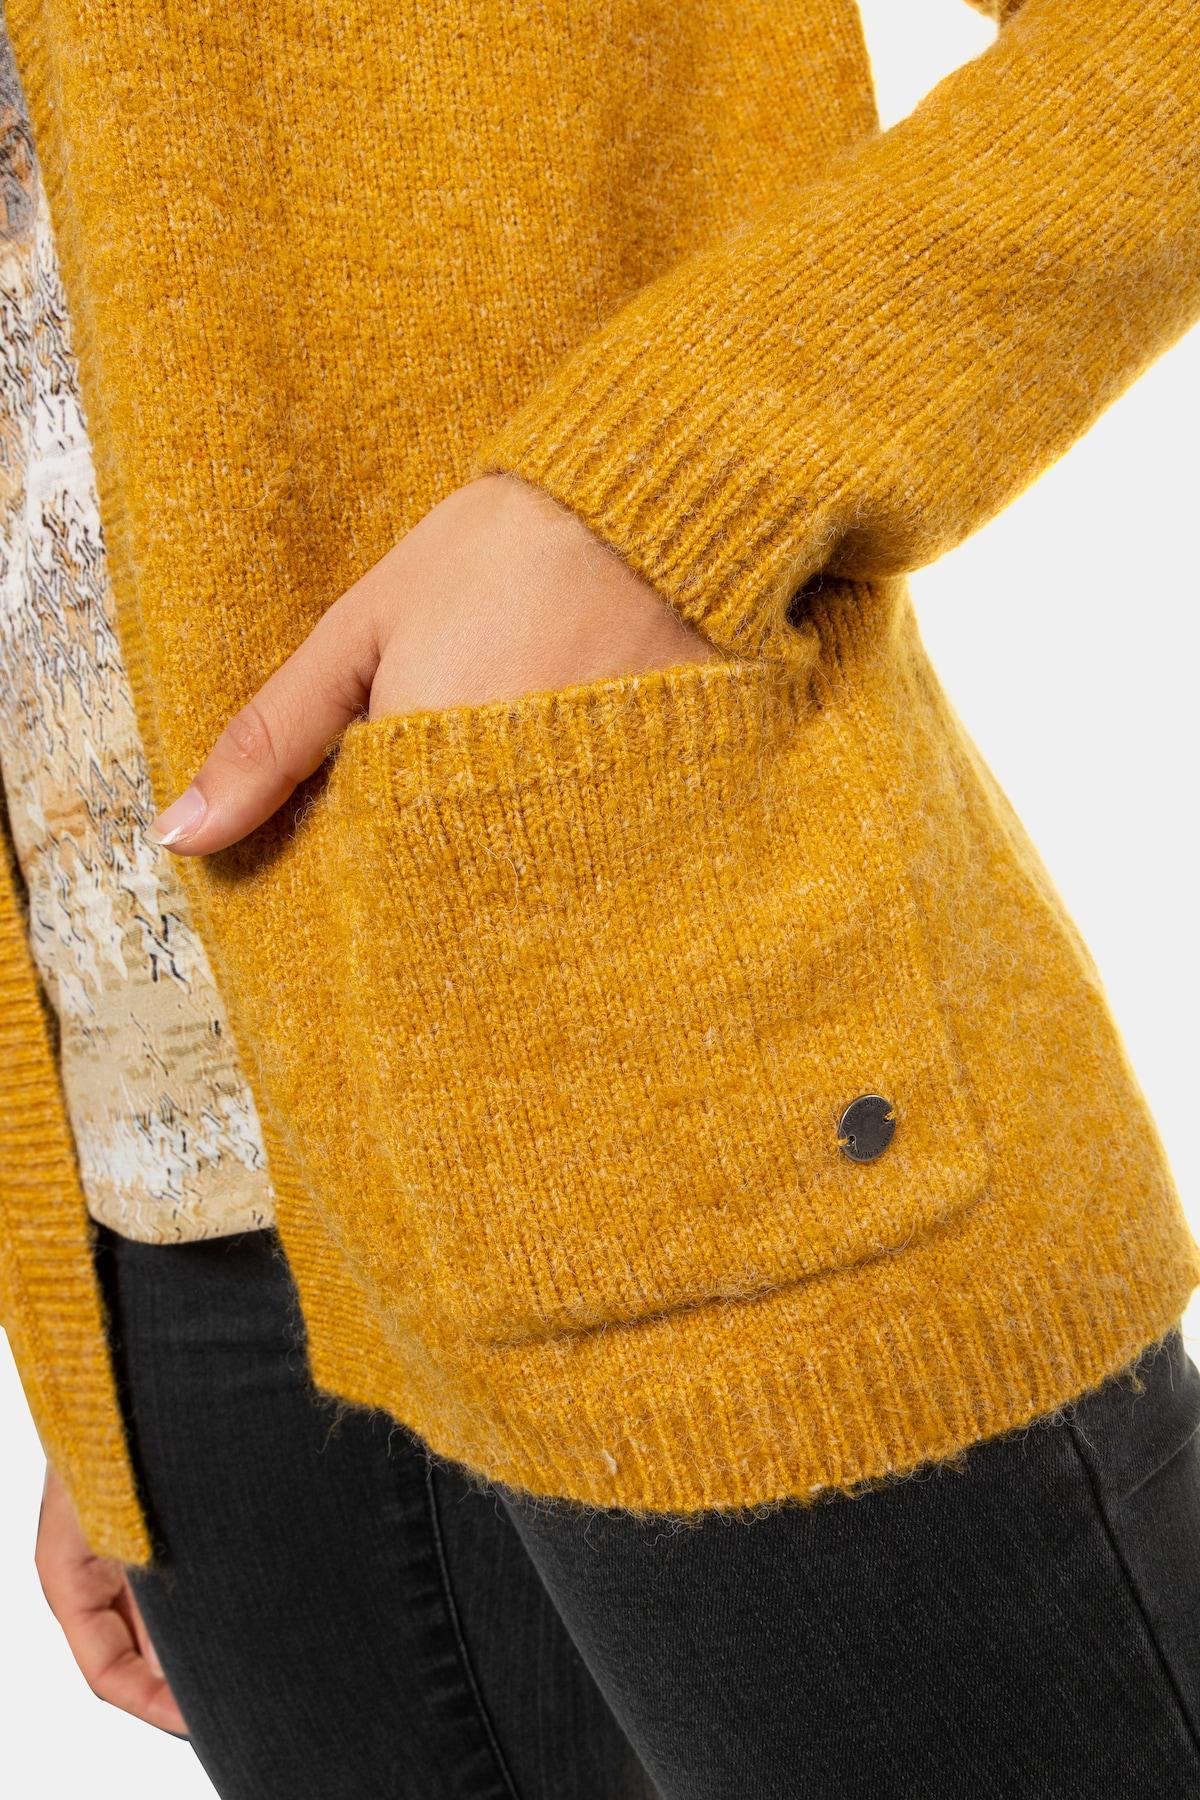 Beliebt Frauen Bekleidung Gina Laura Strickjacke in gelb Zum Verkauf